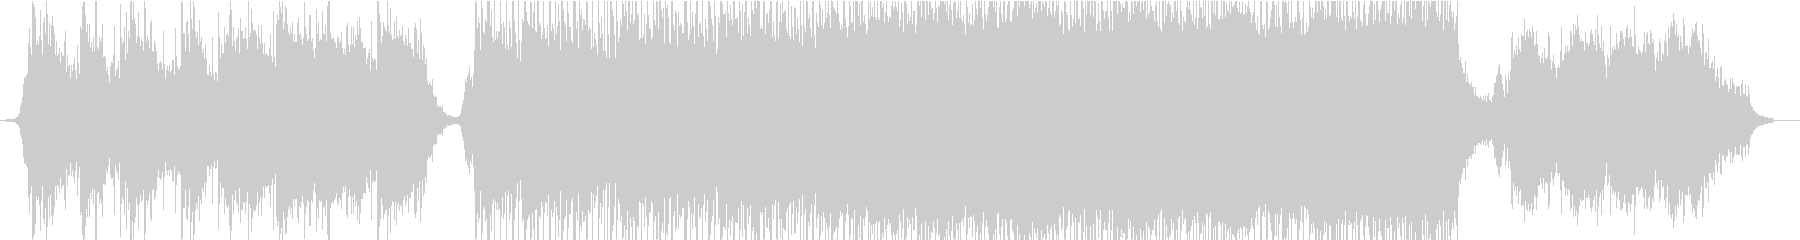 ポップ テクノ 現代的 交響曲 エ...の未再生の波形